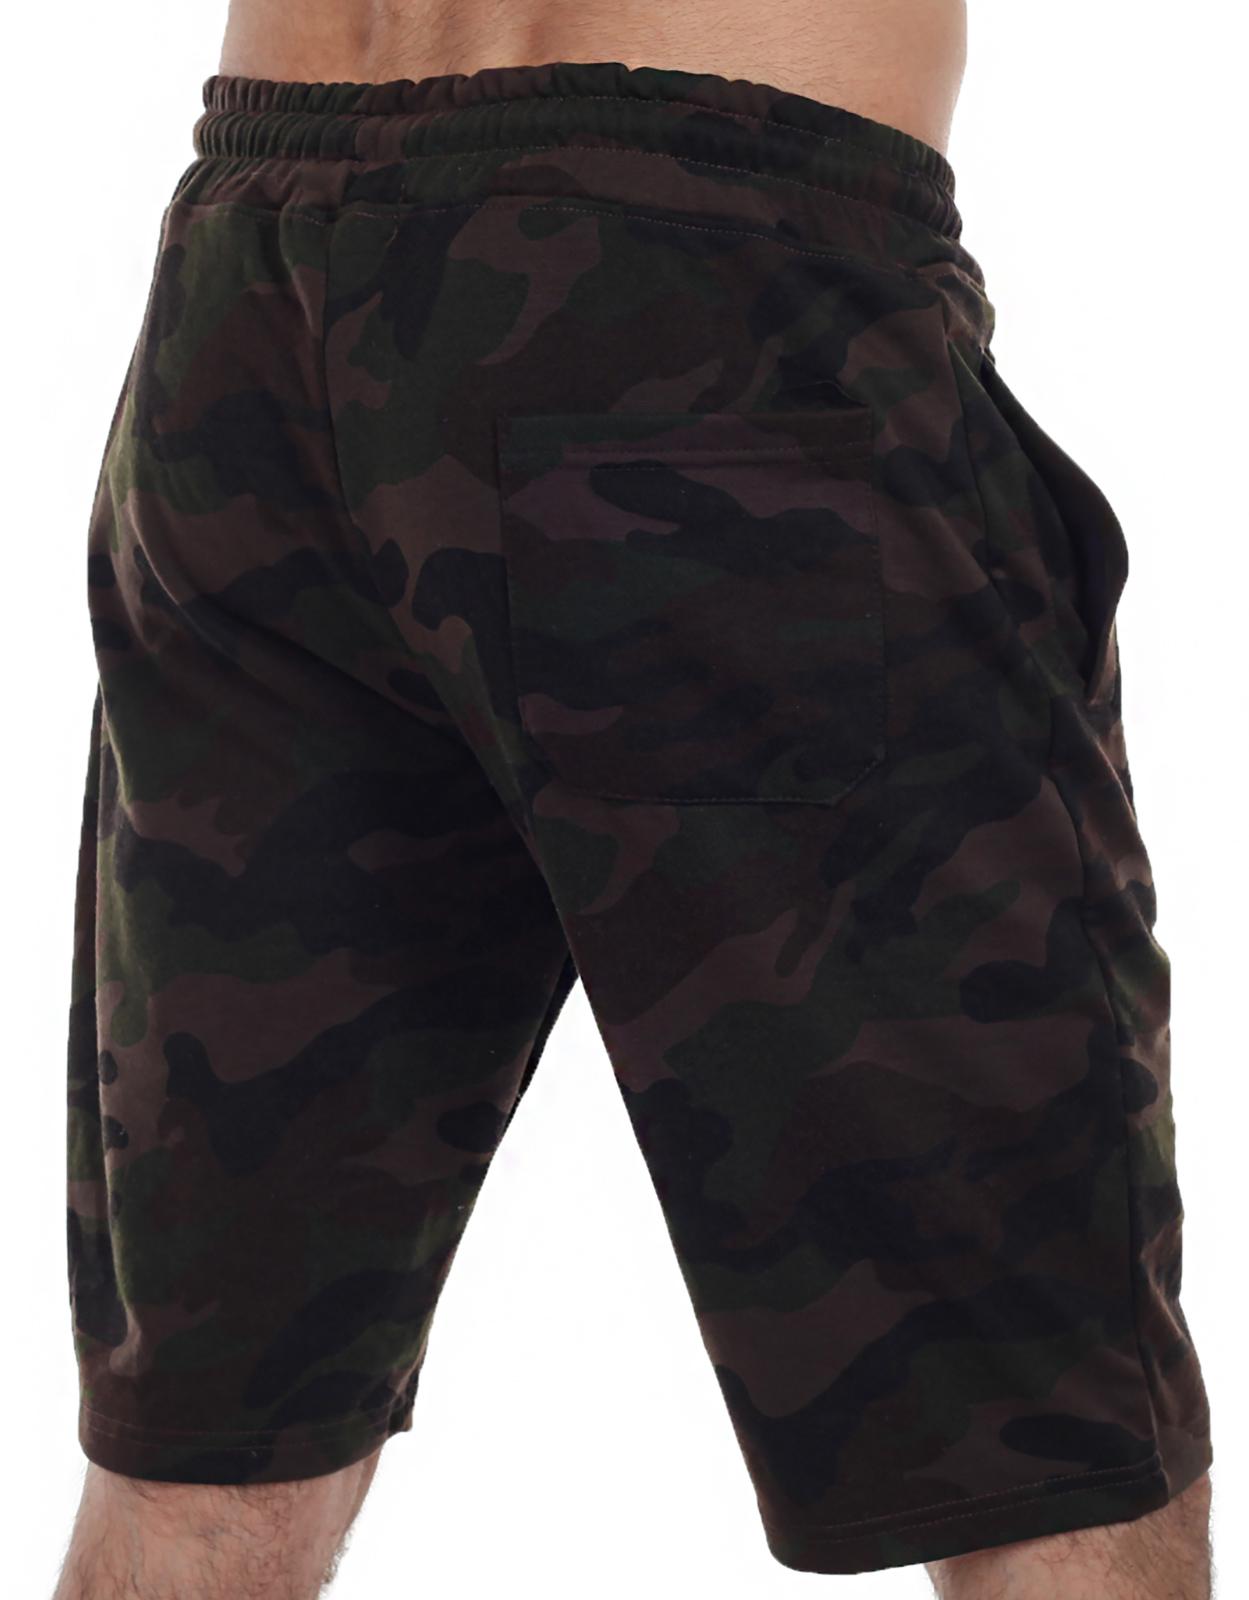 Продажа спецназовской униформы ГРУ – шорты, футболки, майки и т.д.